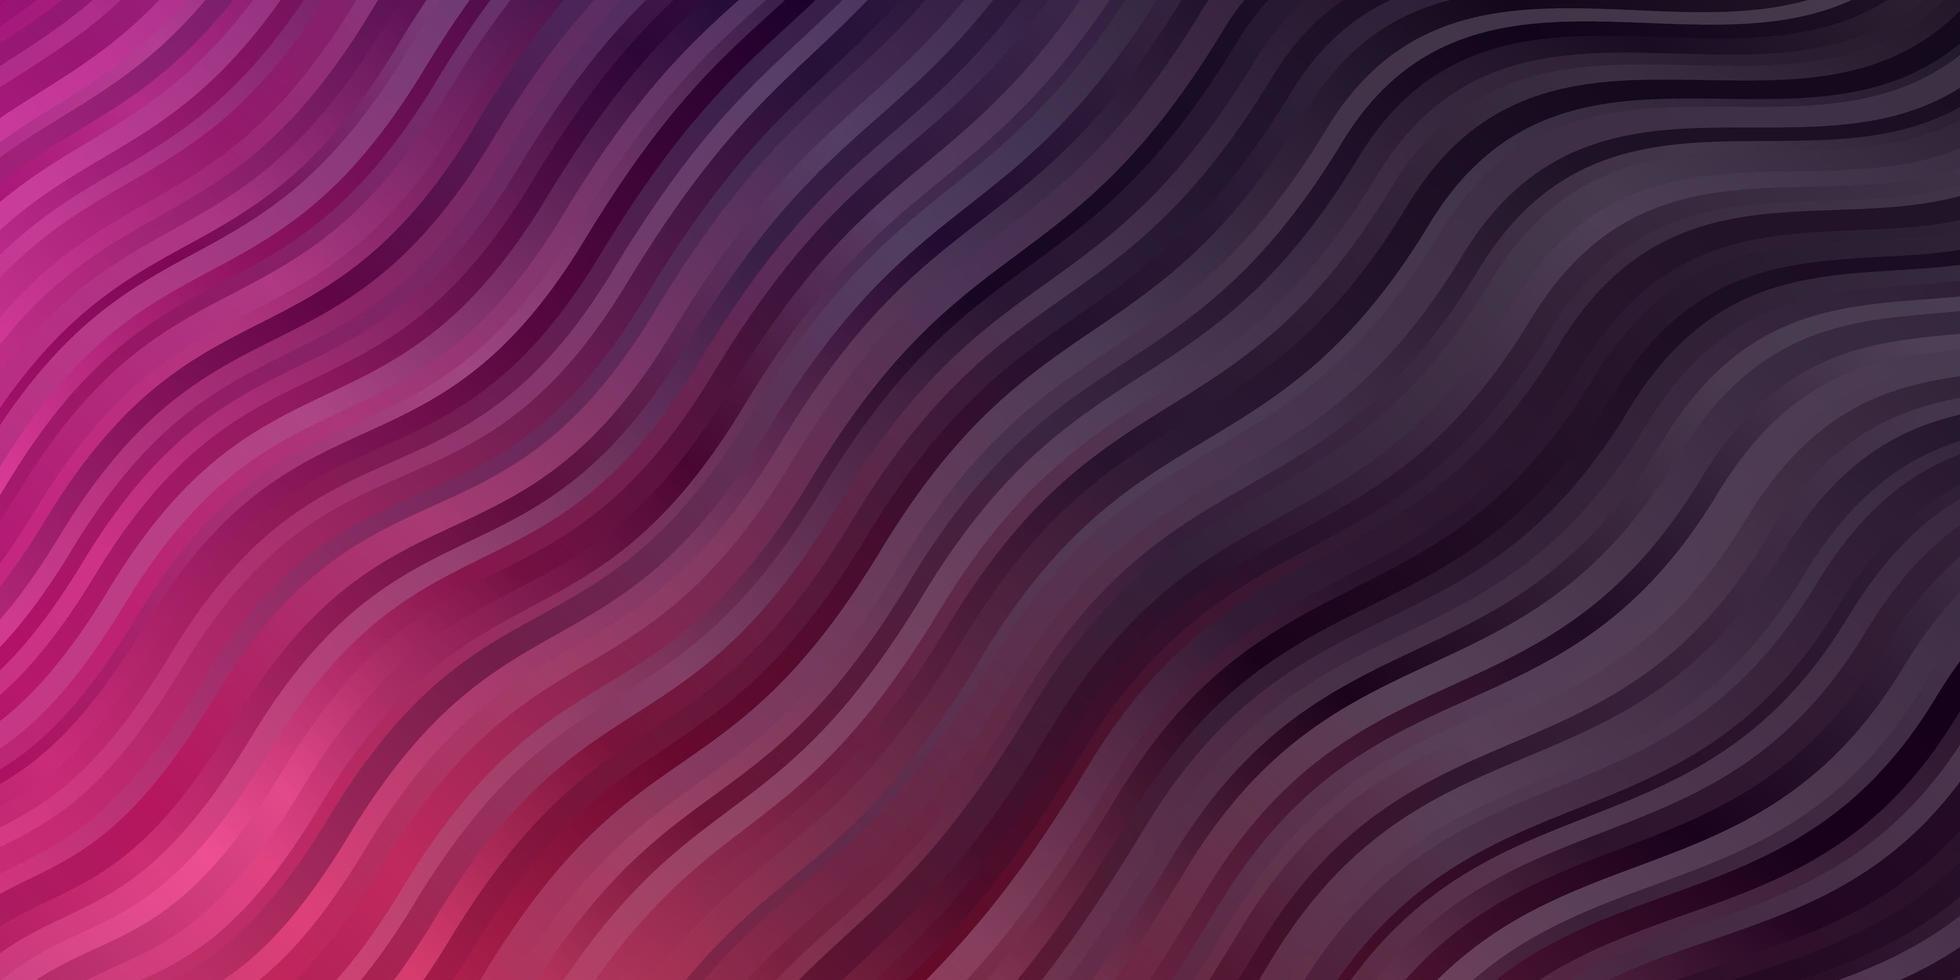 modèle vectoriel rose foncé avec des courbes.